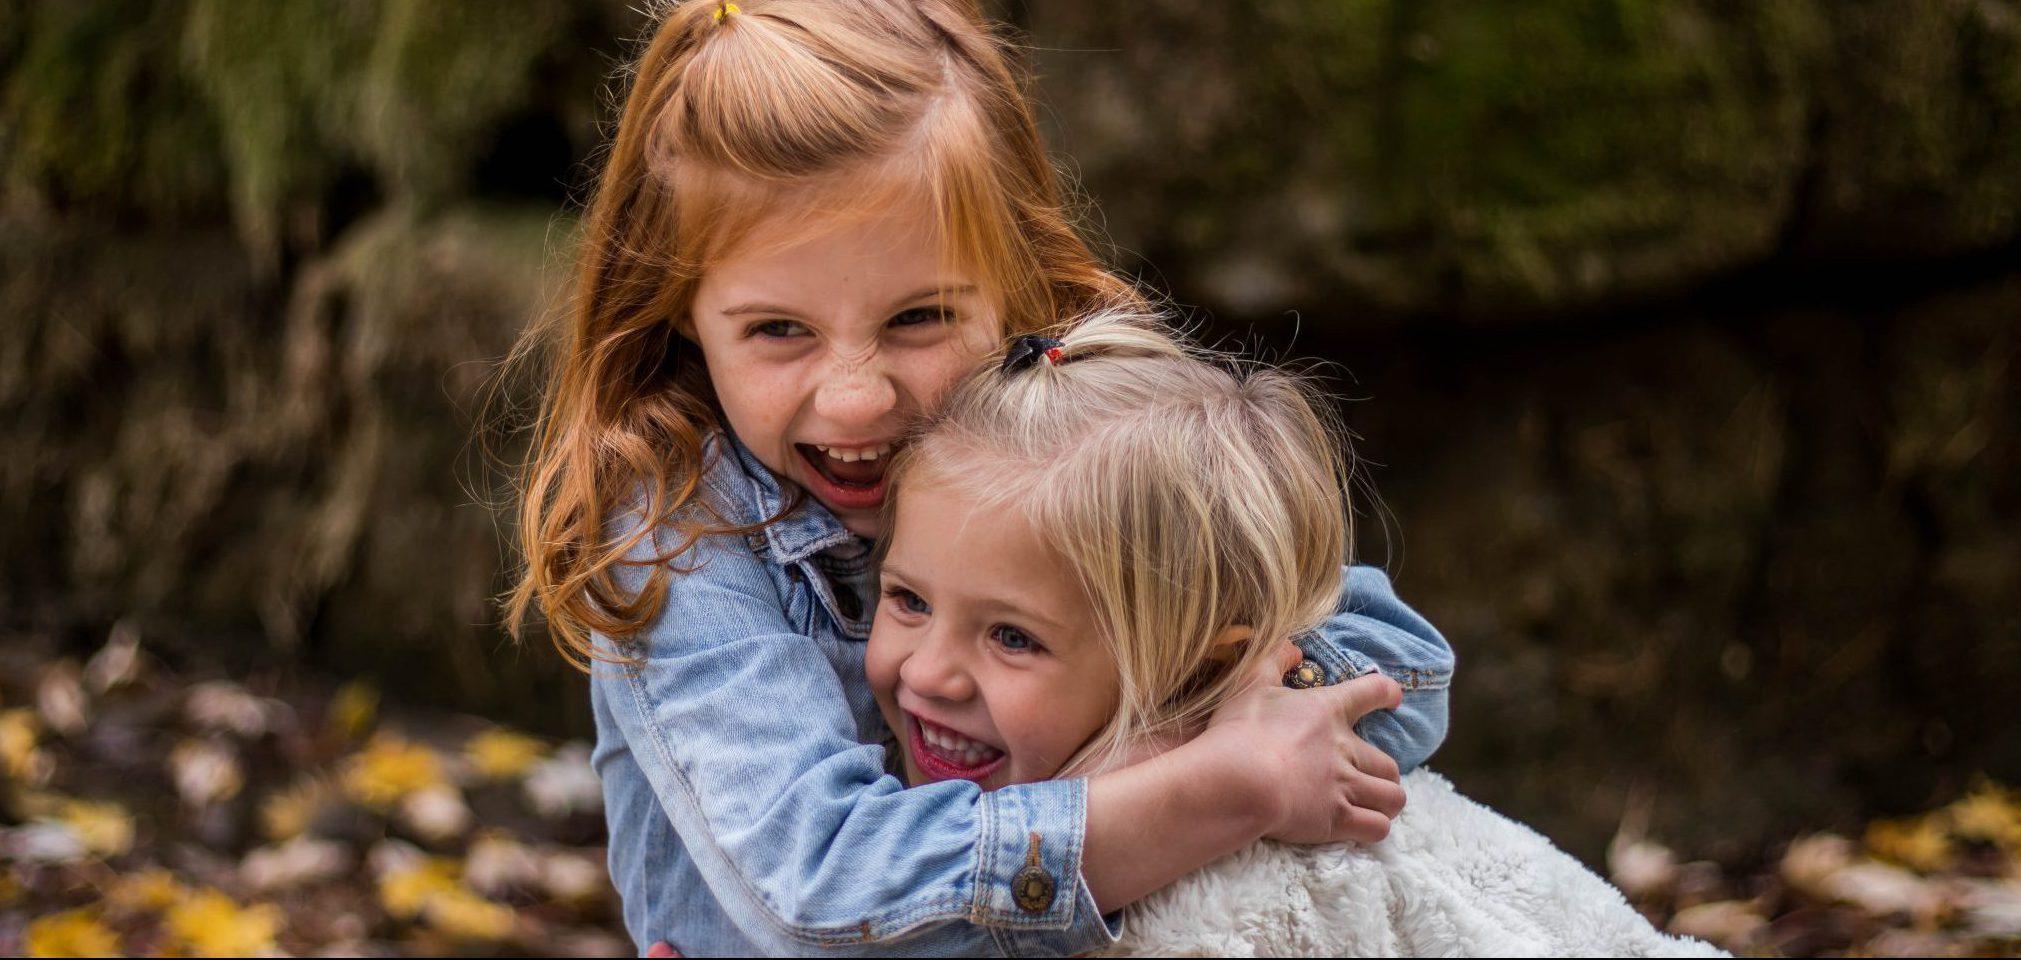 kinderen die knuffelen